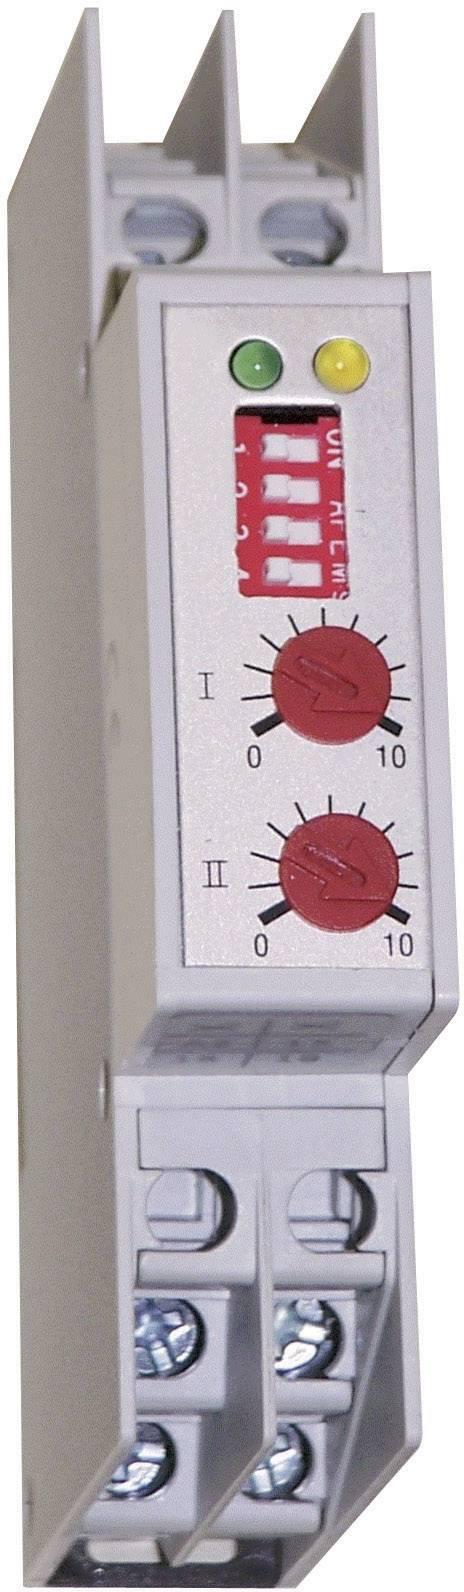 Časové relé monofunkční HSB Industrieelektronik ZTG1, čas.rozsah: 0.15 s - 60 min, 1 přepínací kontakt, 1 ks